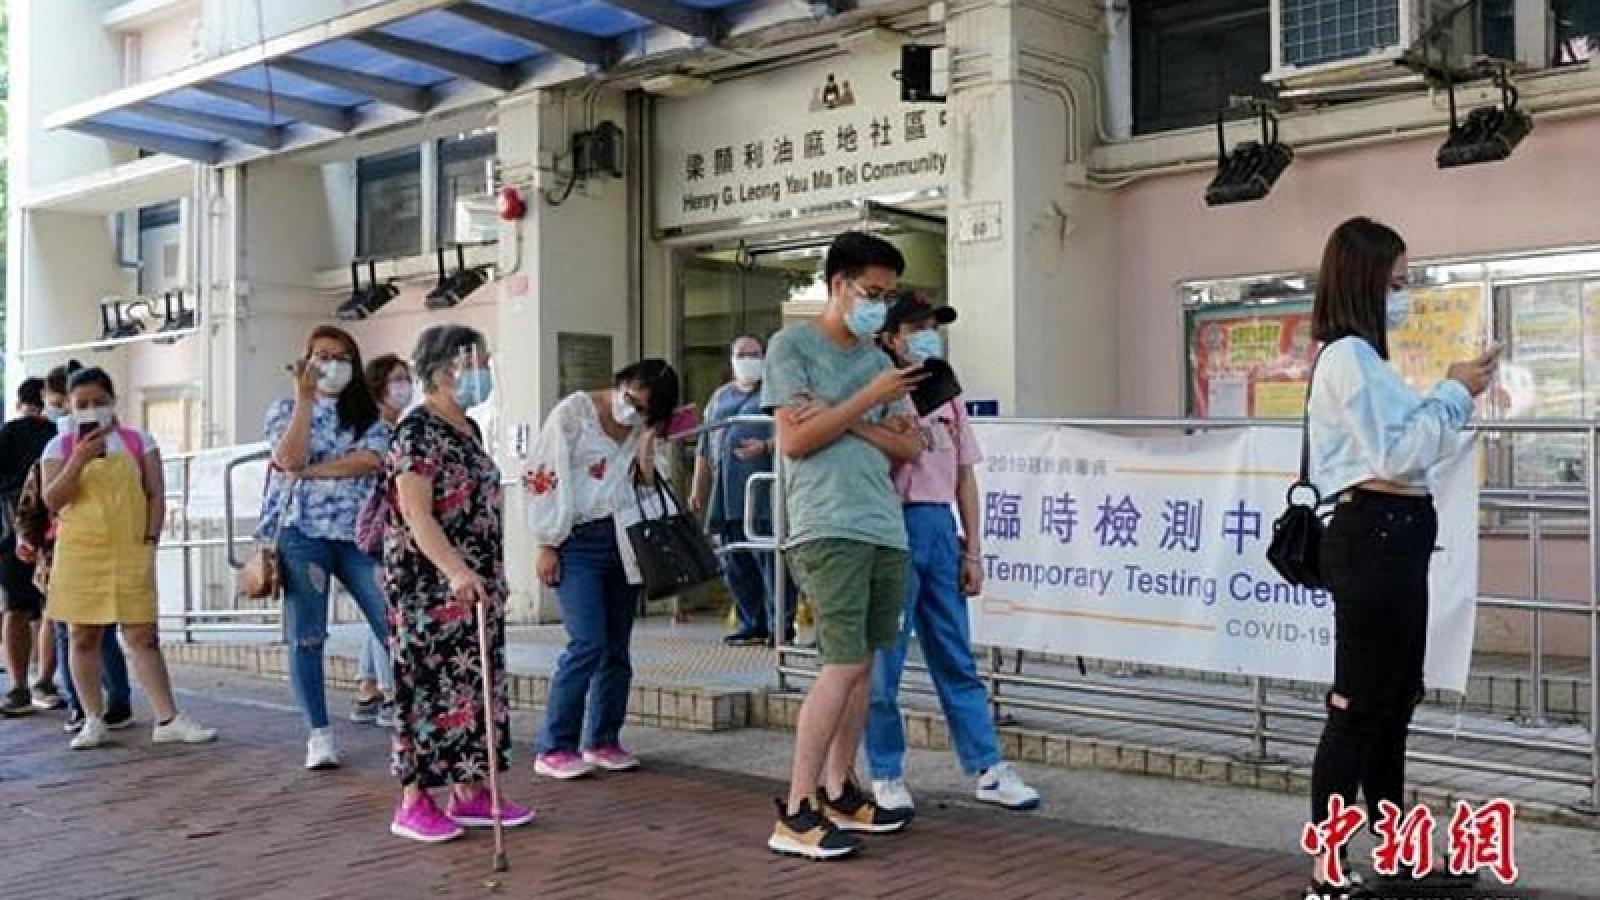 Câu lạc bộ khiêu vũ là siêu ổ dịch Covid-19 mới của Hong Kong (Trung Quốc)